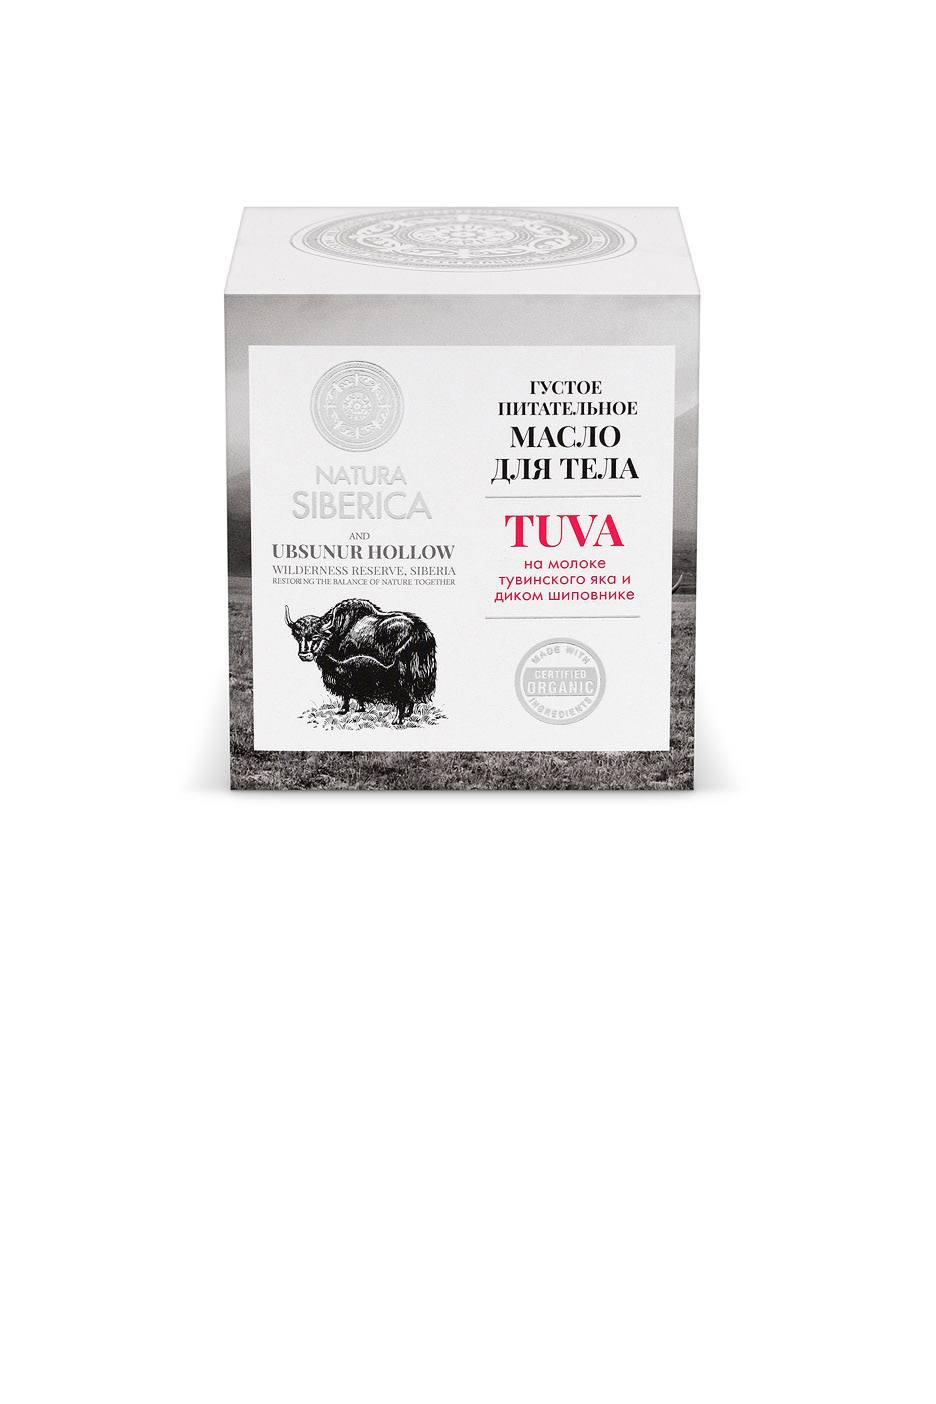 Купить Natura Siberica Tuva Масло для тела Питательное, 370 мл (shop: Organic-shops Organic shops)